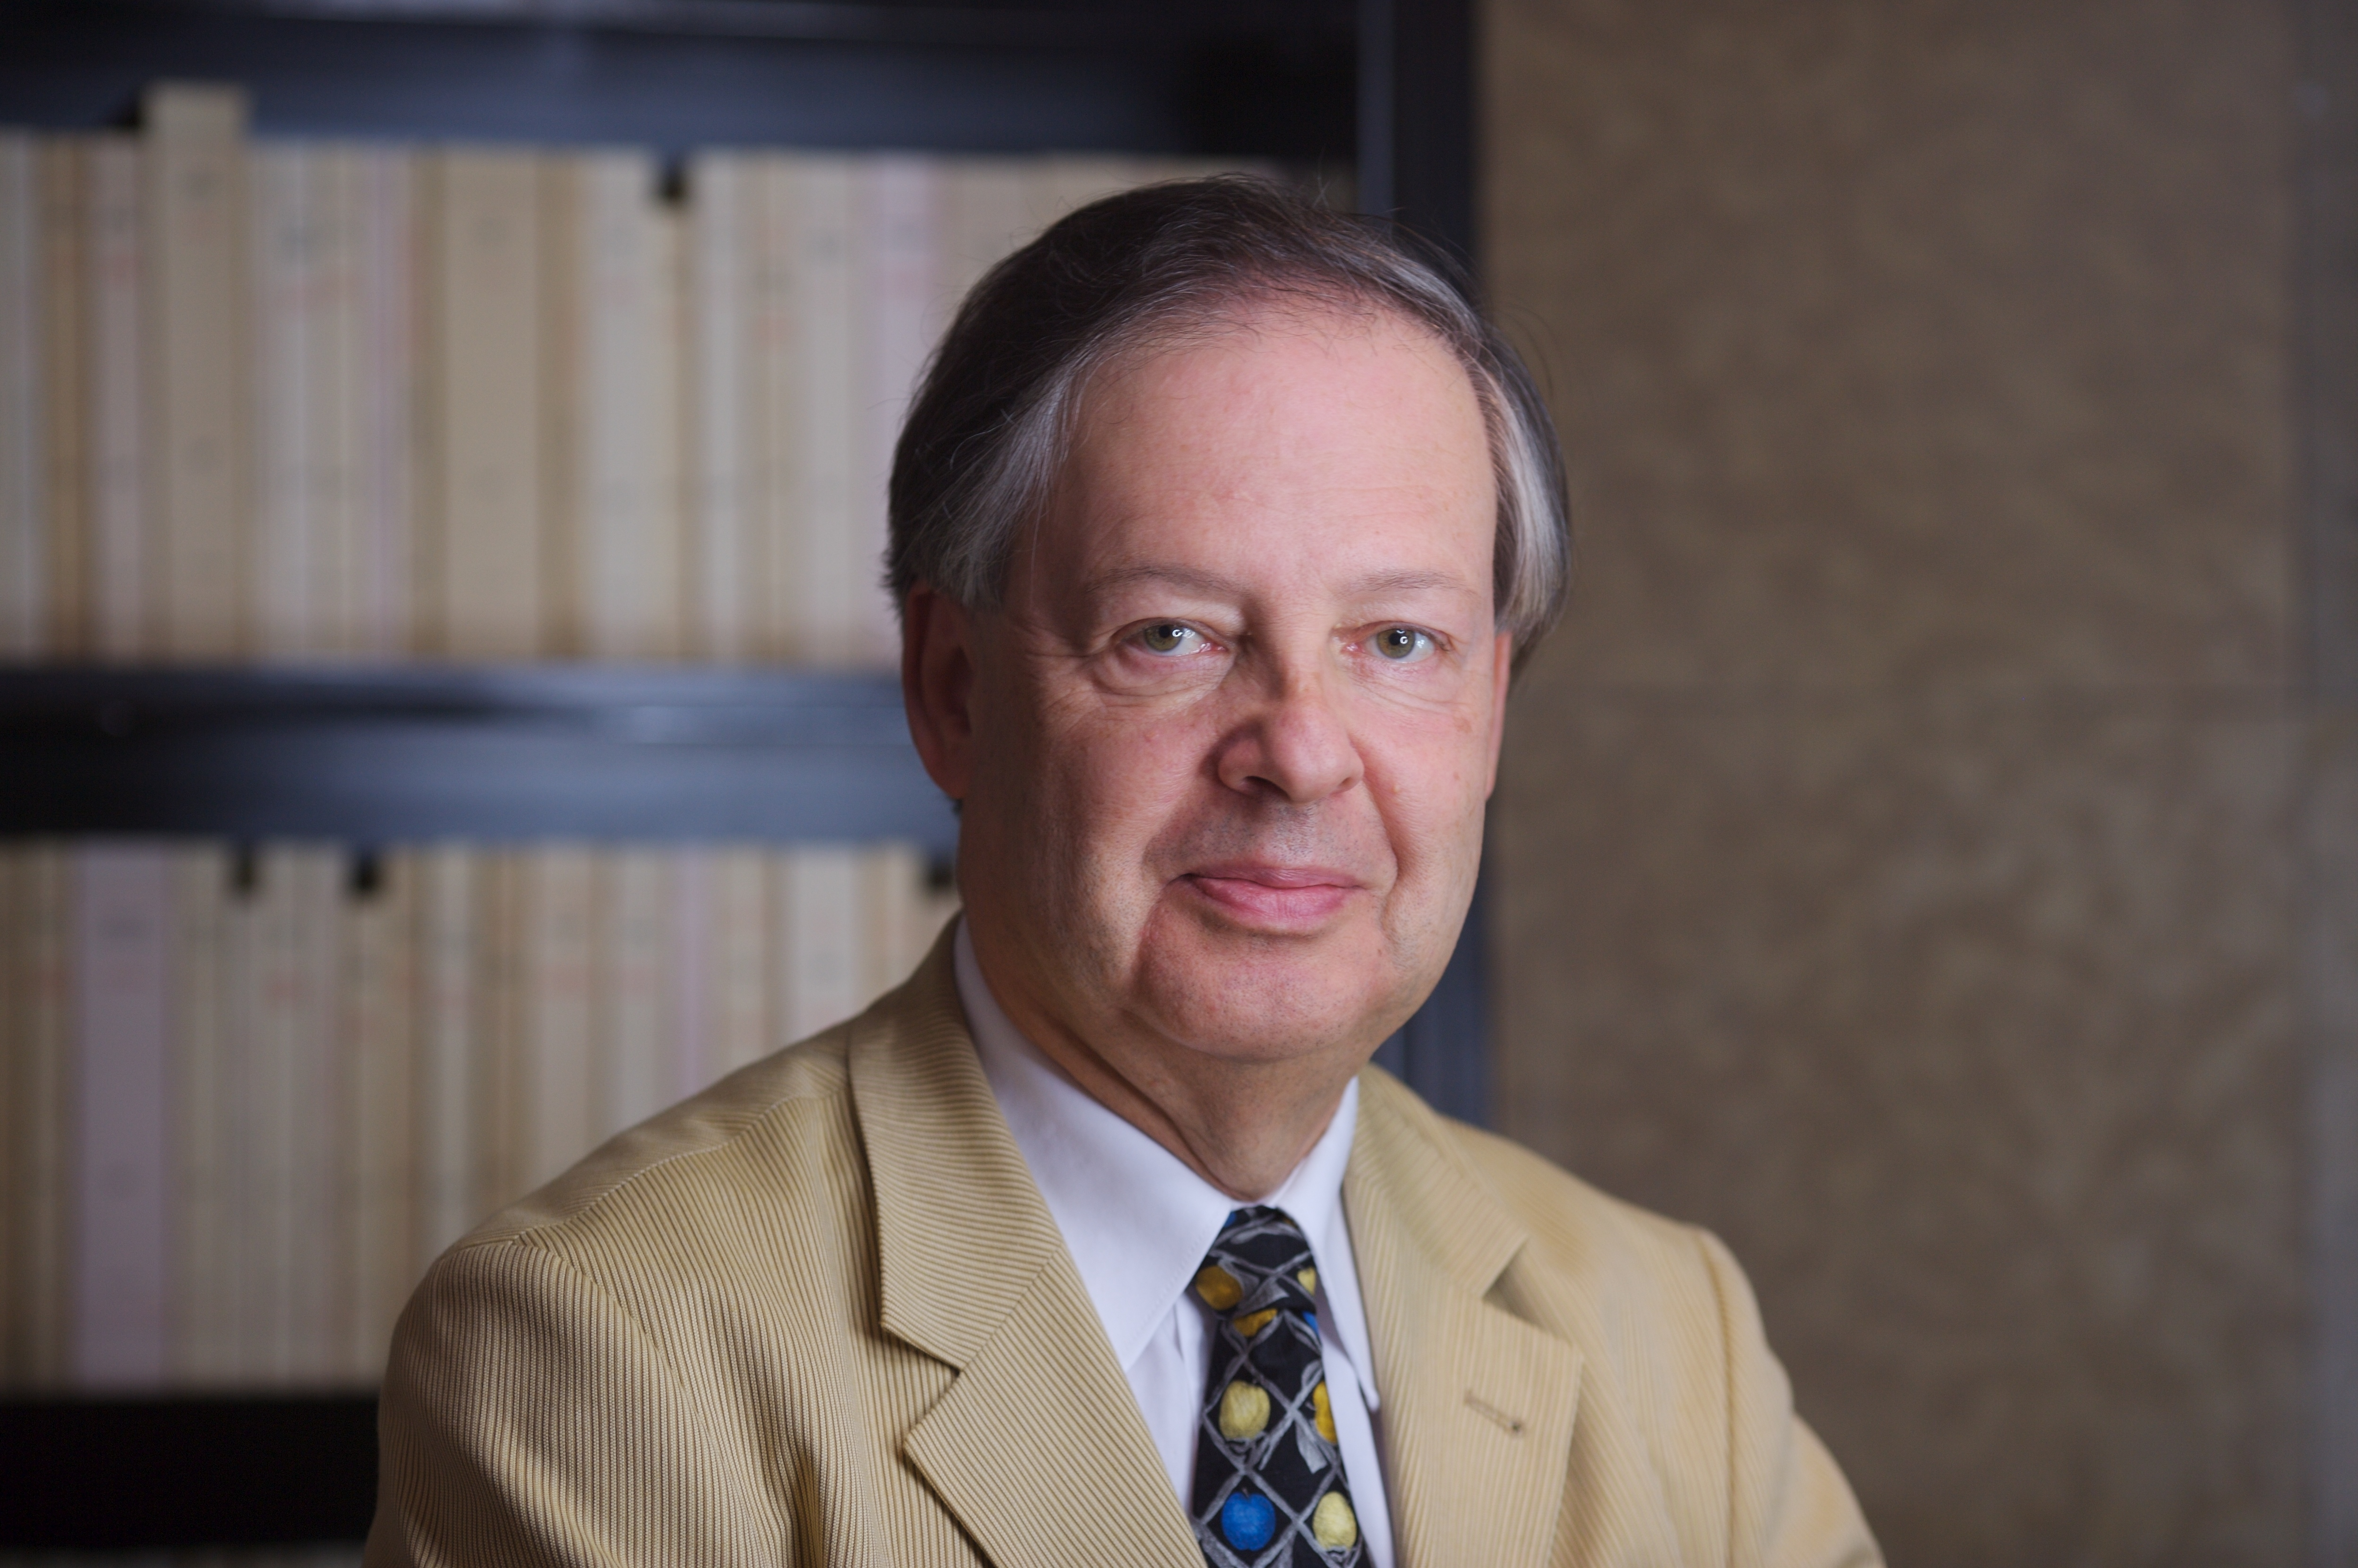 Docteur Herve Robert - Fondateur de La Marmite à Malices